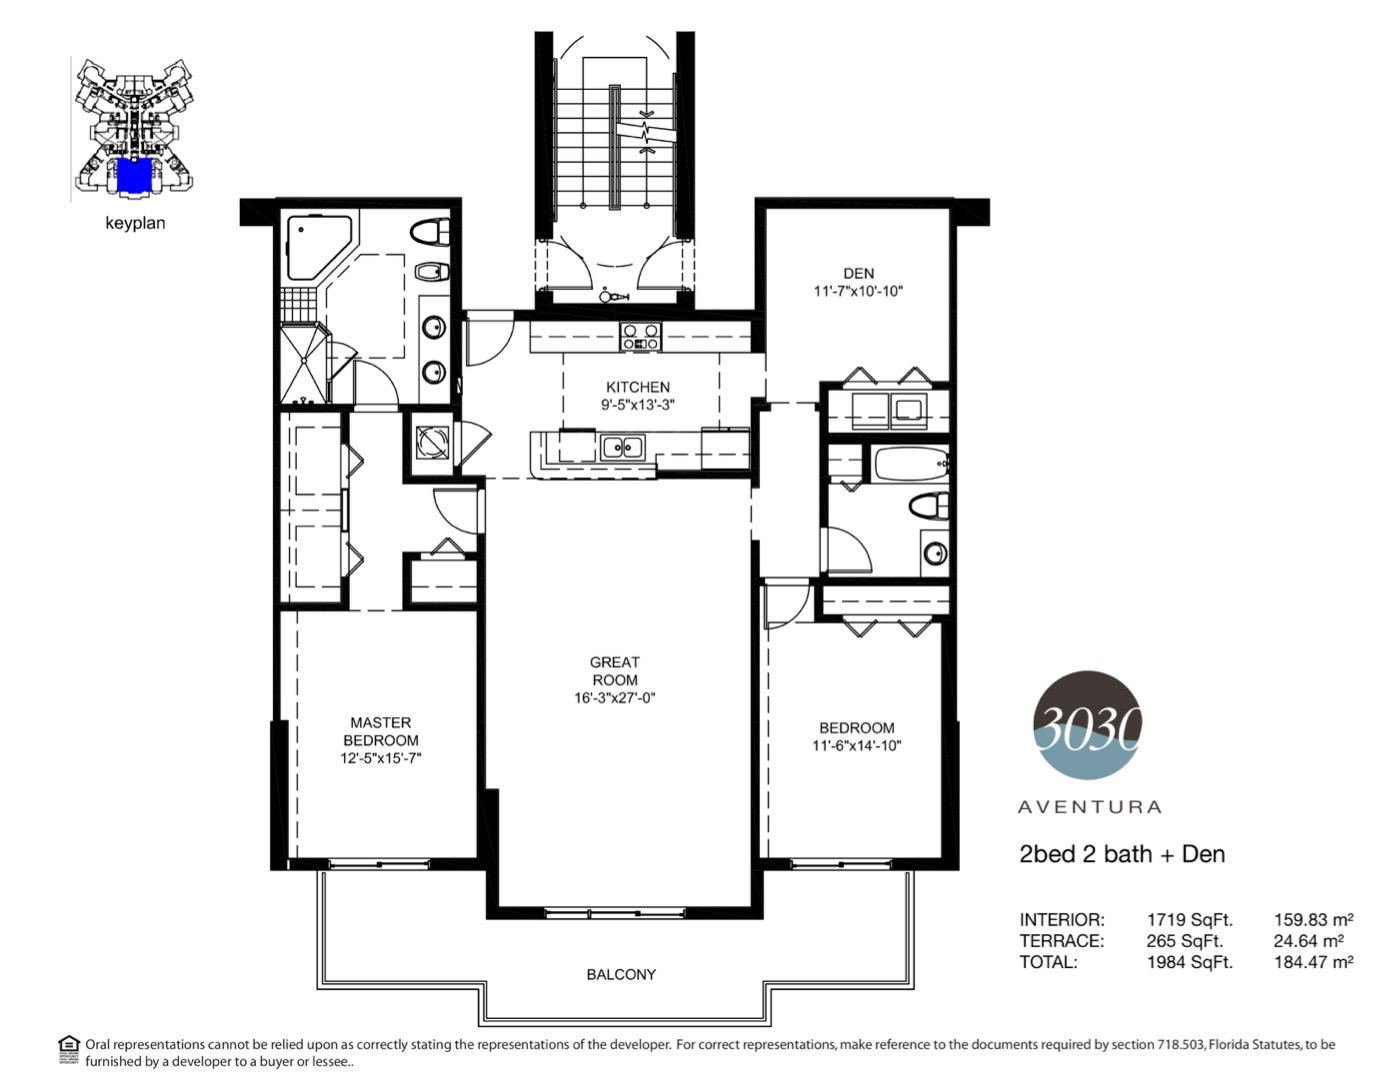 Floor plan image 03 - 2 + Den / 2  - 1984 sqft image